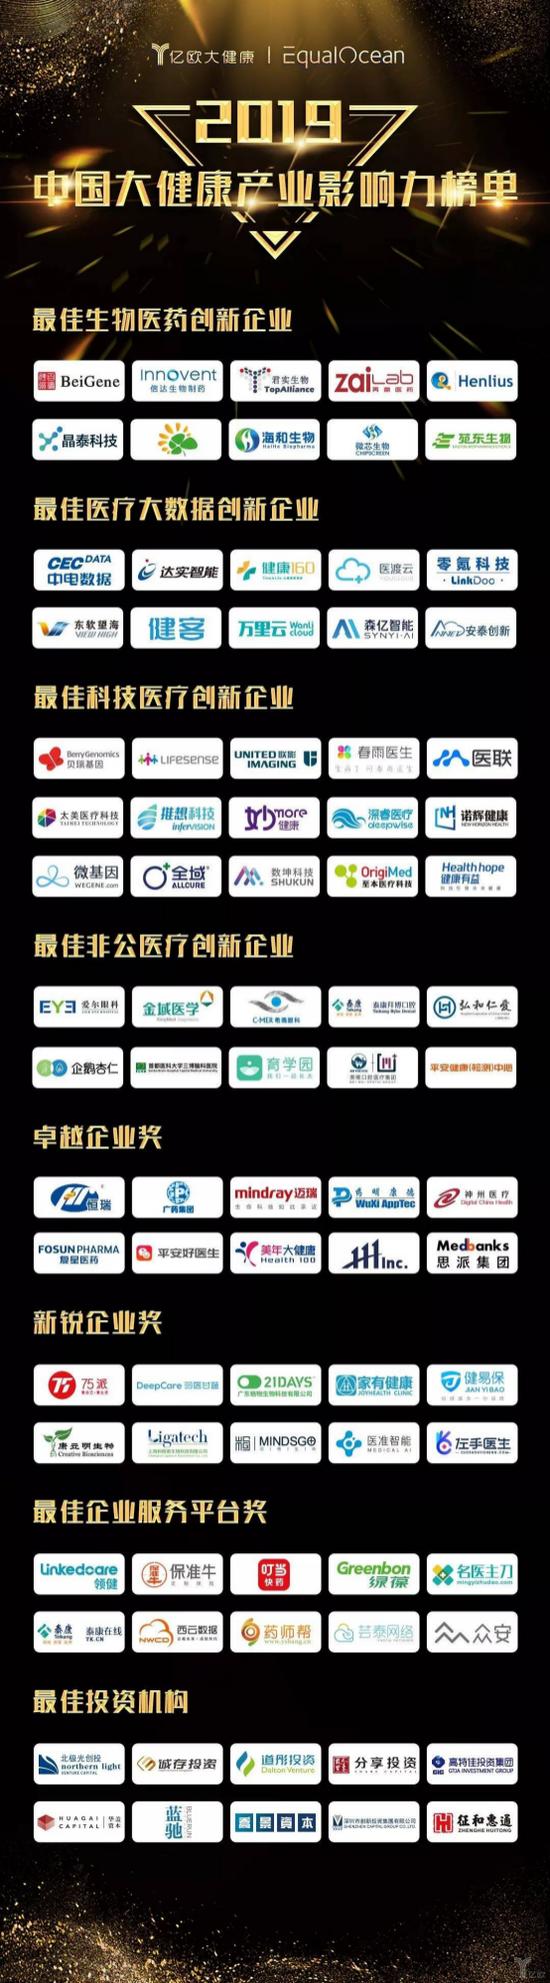 2019年中國大健康產業影響力